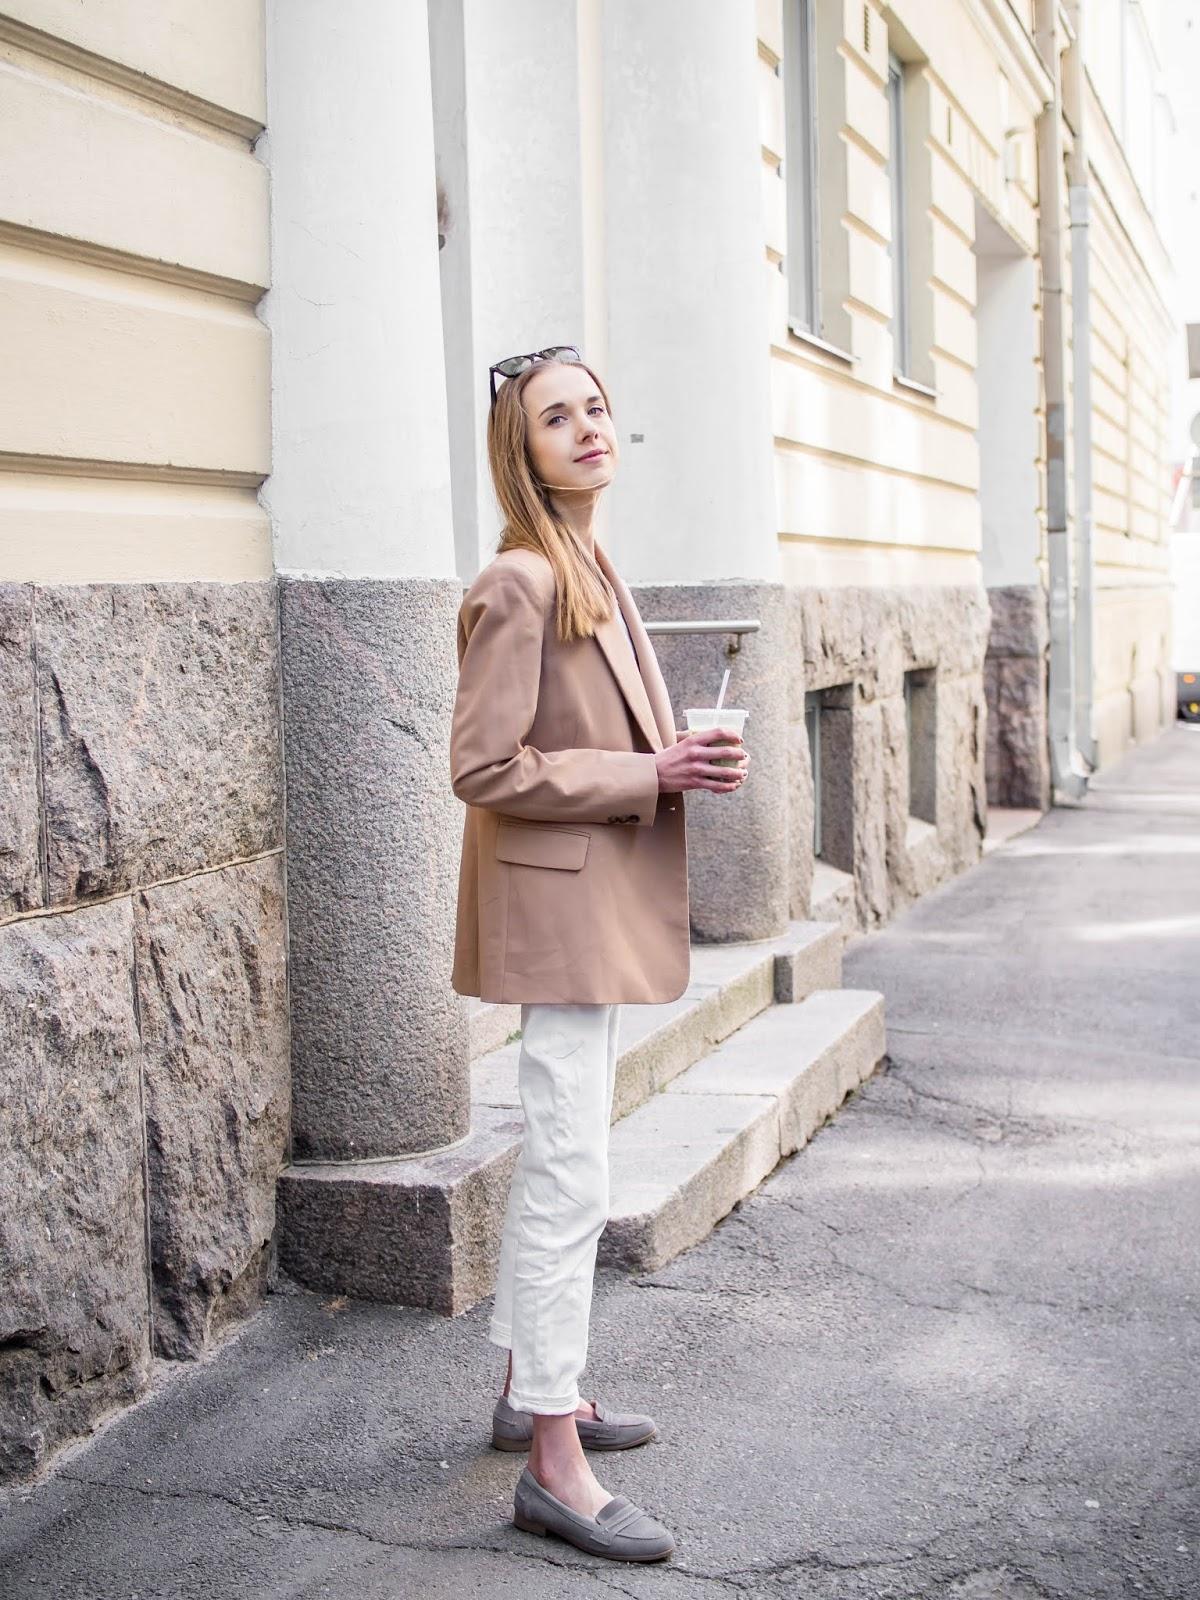 Light and neutral tonal outfit for summer - Vaaleat neutraalit värit, kesämuoti, bloggaaja, Helsinki